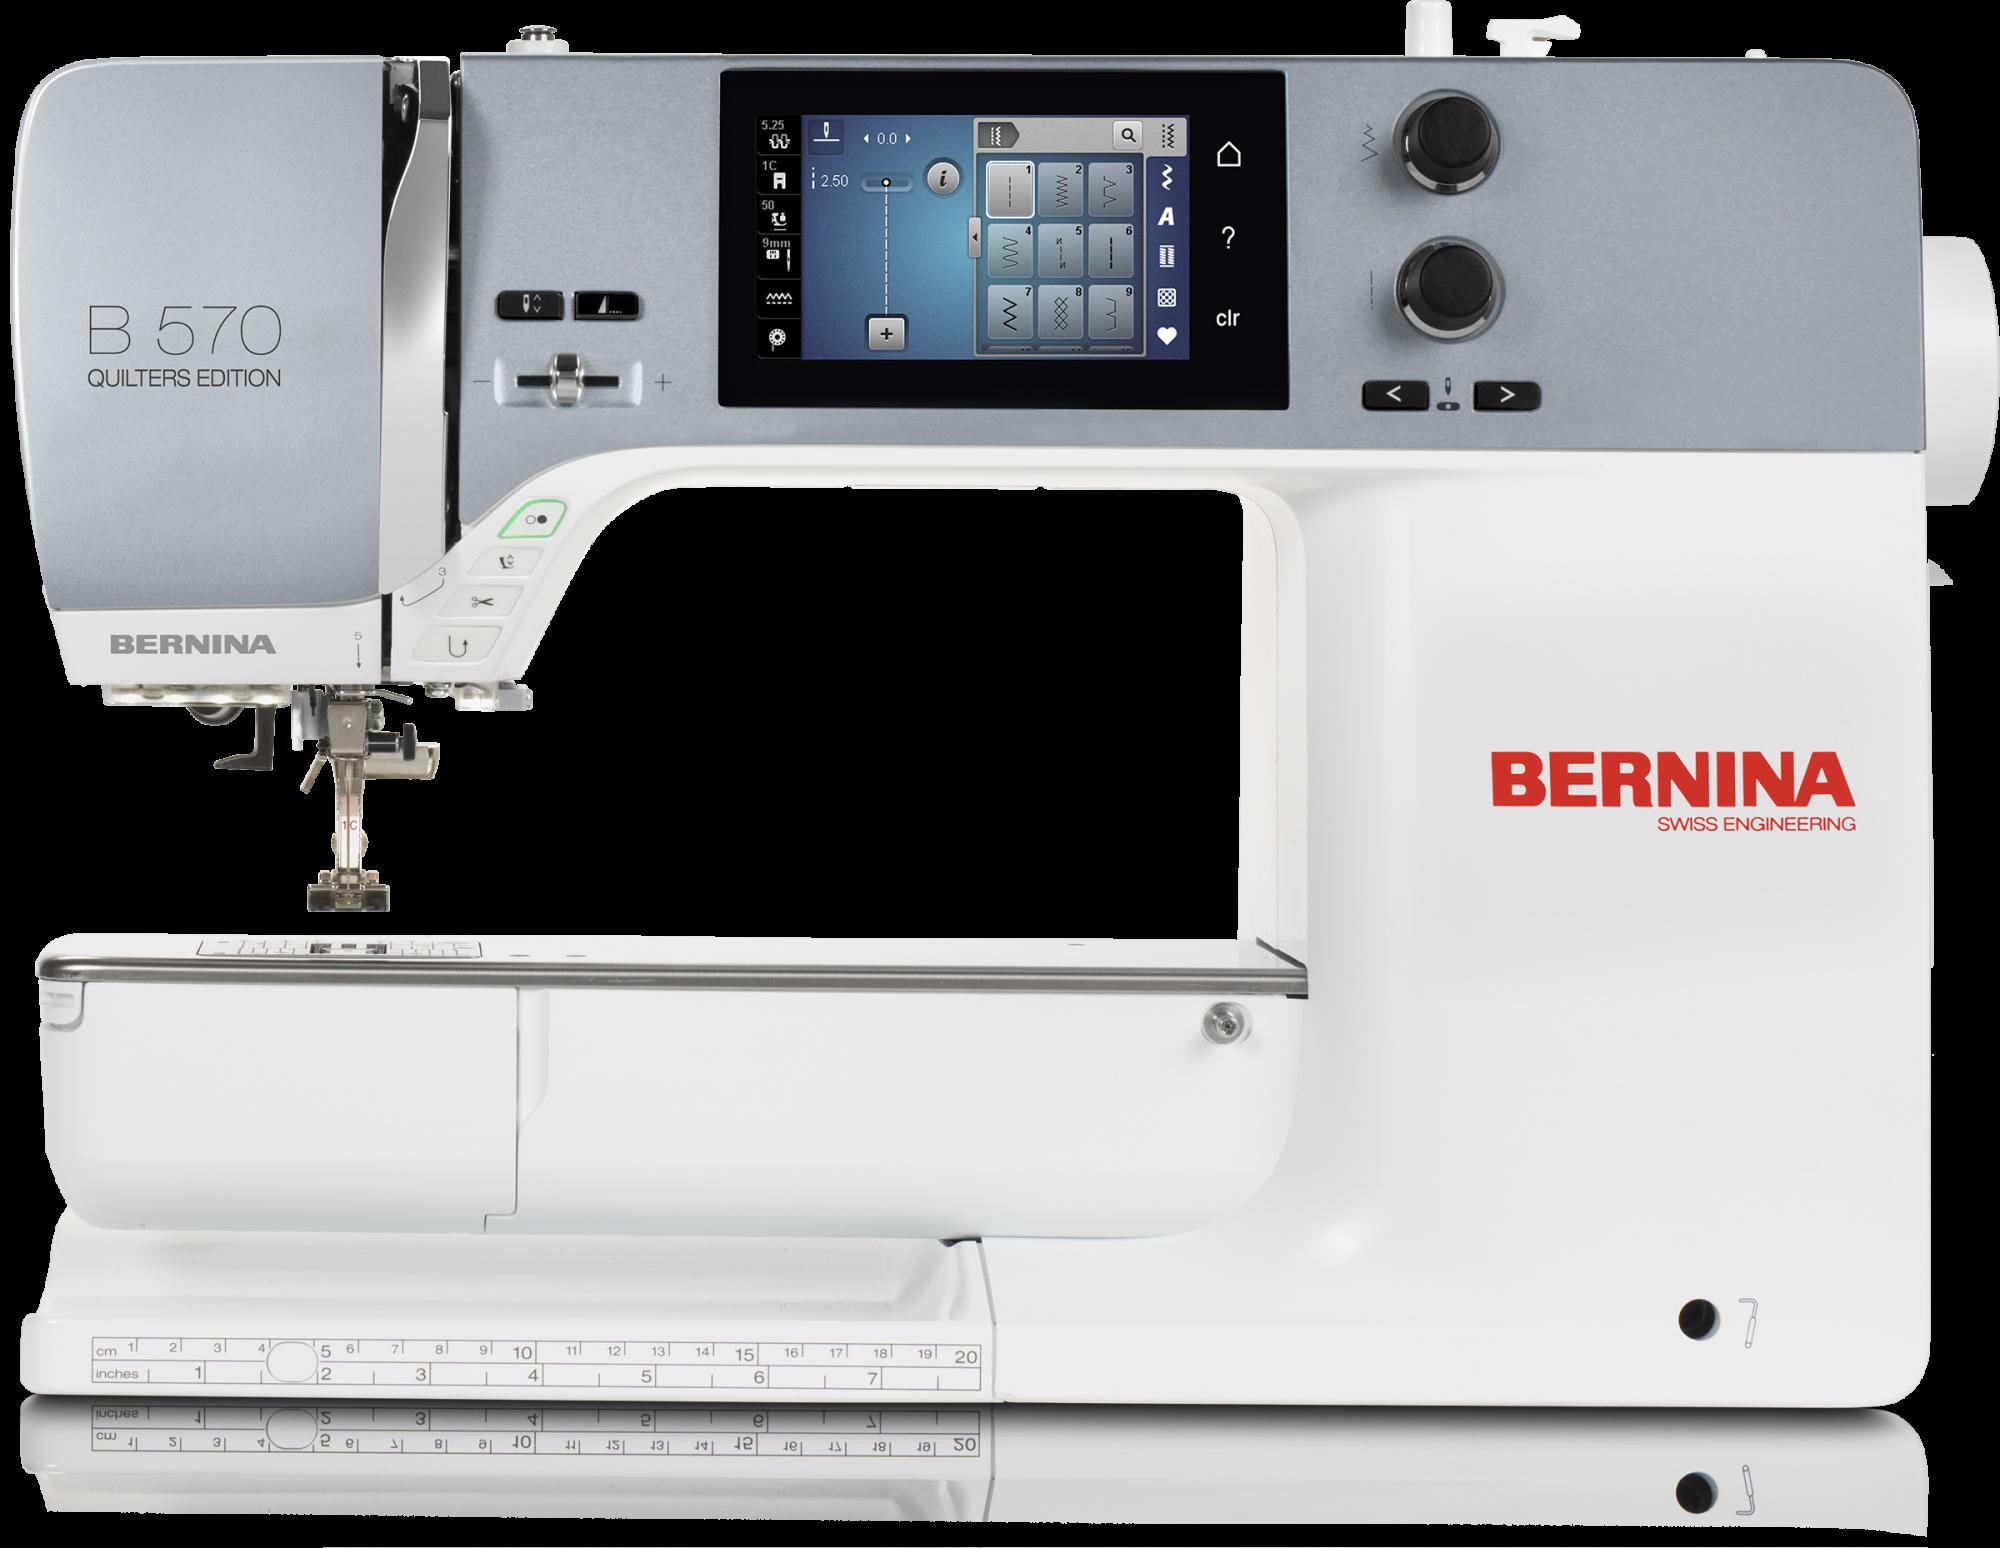 BERNINA B570